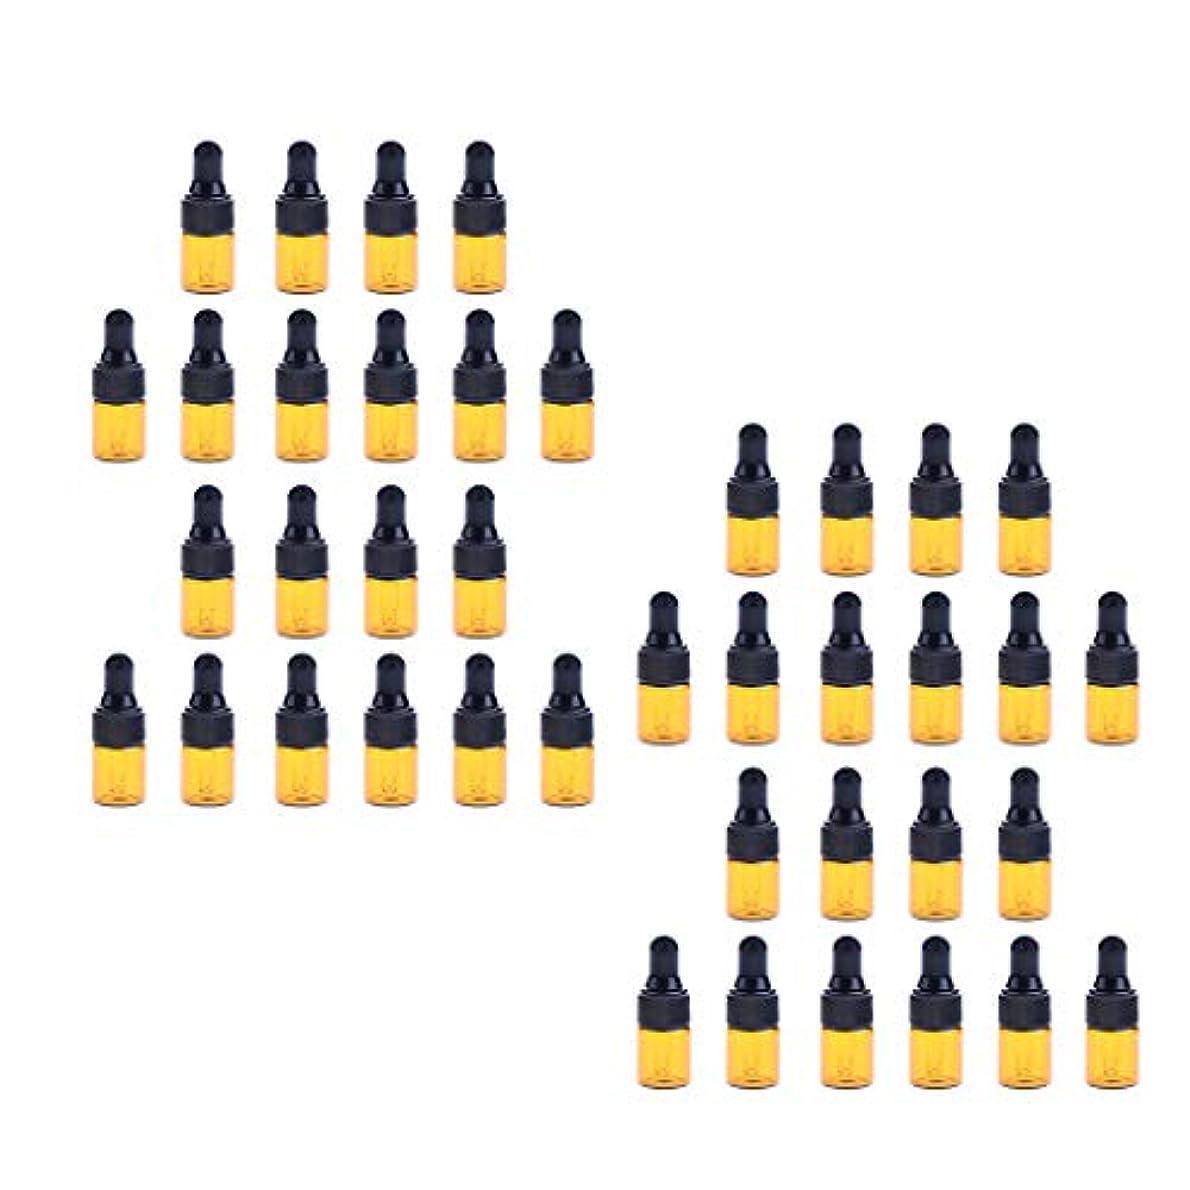 不承認チェリー野望chiwanji 40個入 ドロッパーボトル ガラス瓶 エッセンシャルオイル 精油 保存容器 詰め替え 小型 1ml /2ml